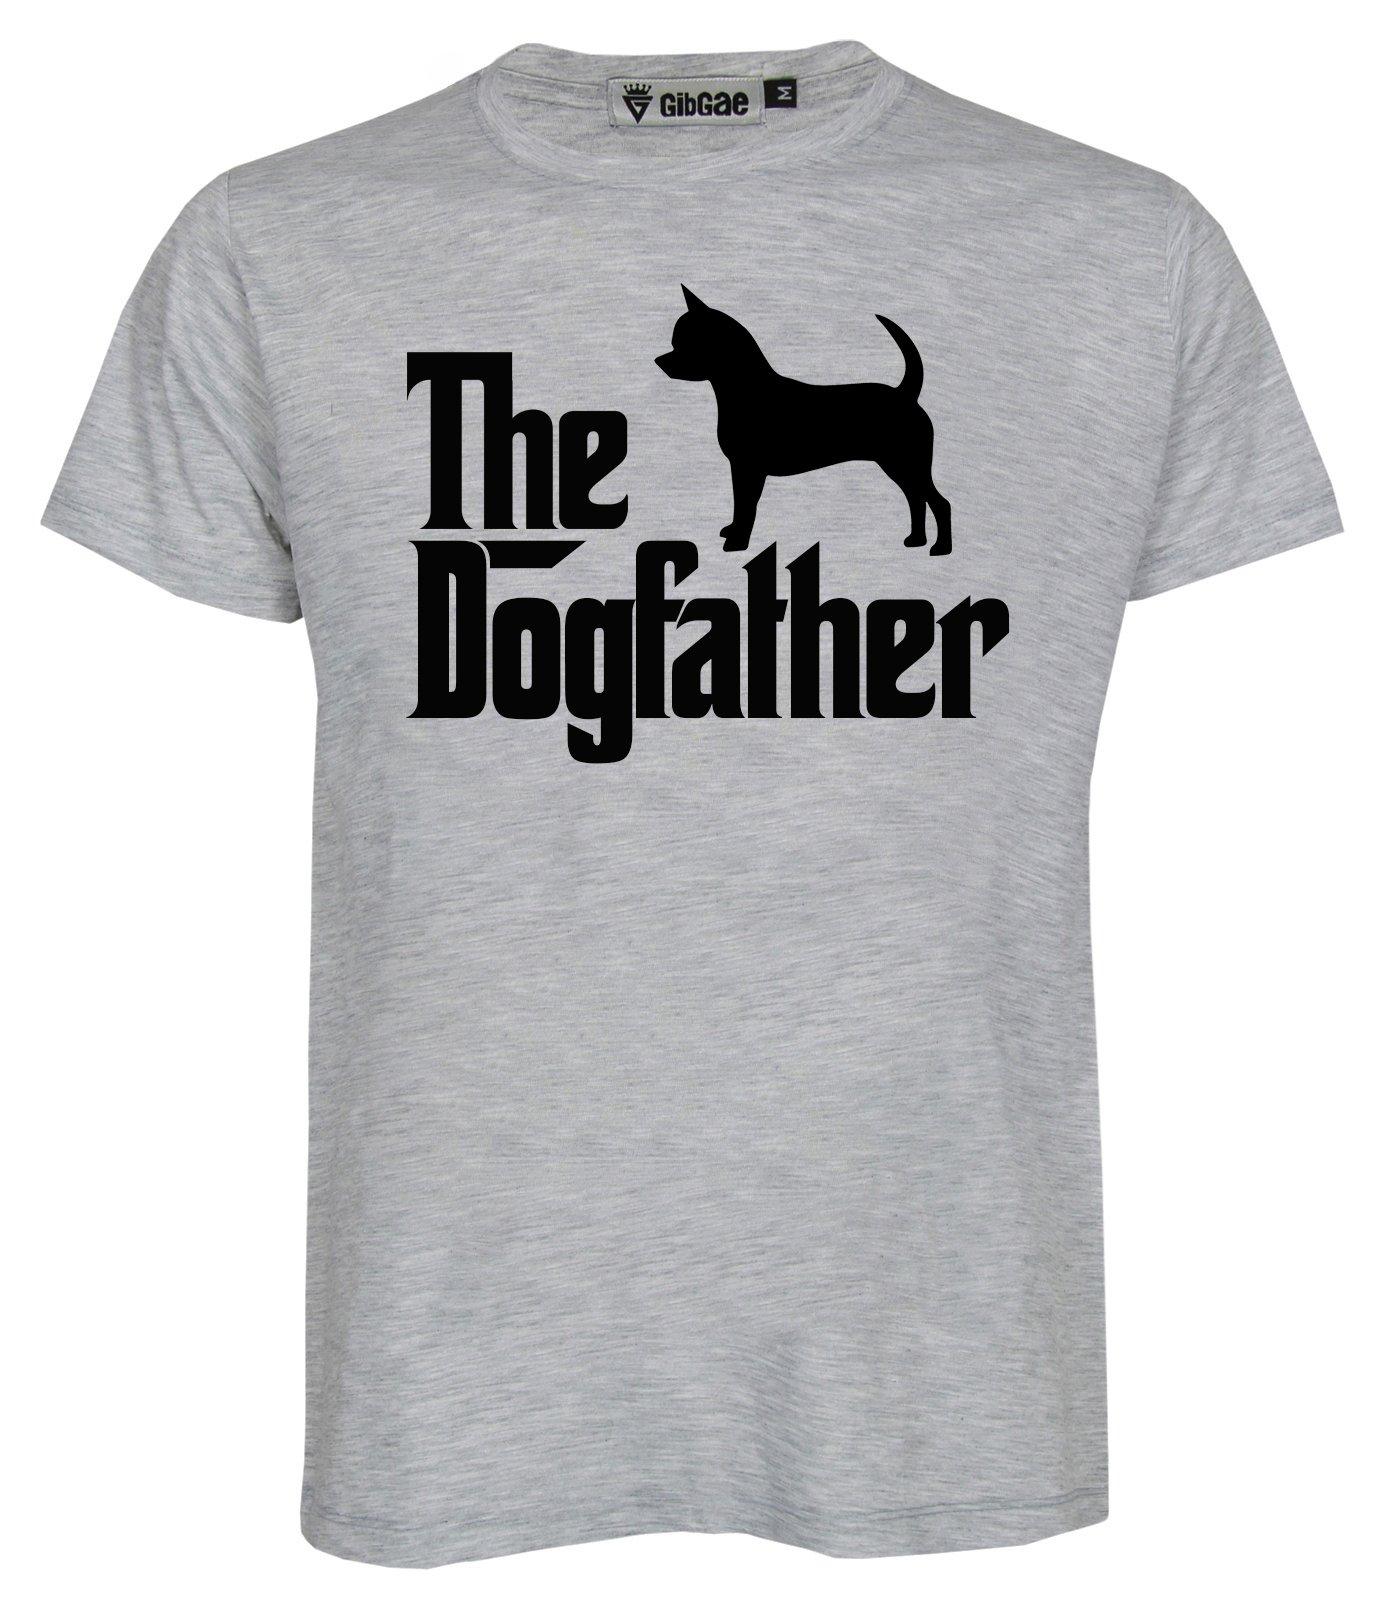 Topcloset The Dogfather Chihuahua 1571 Shirts